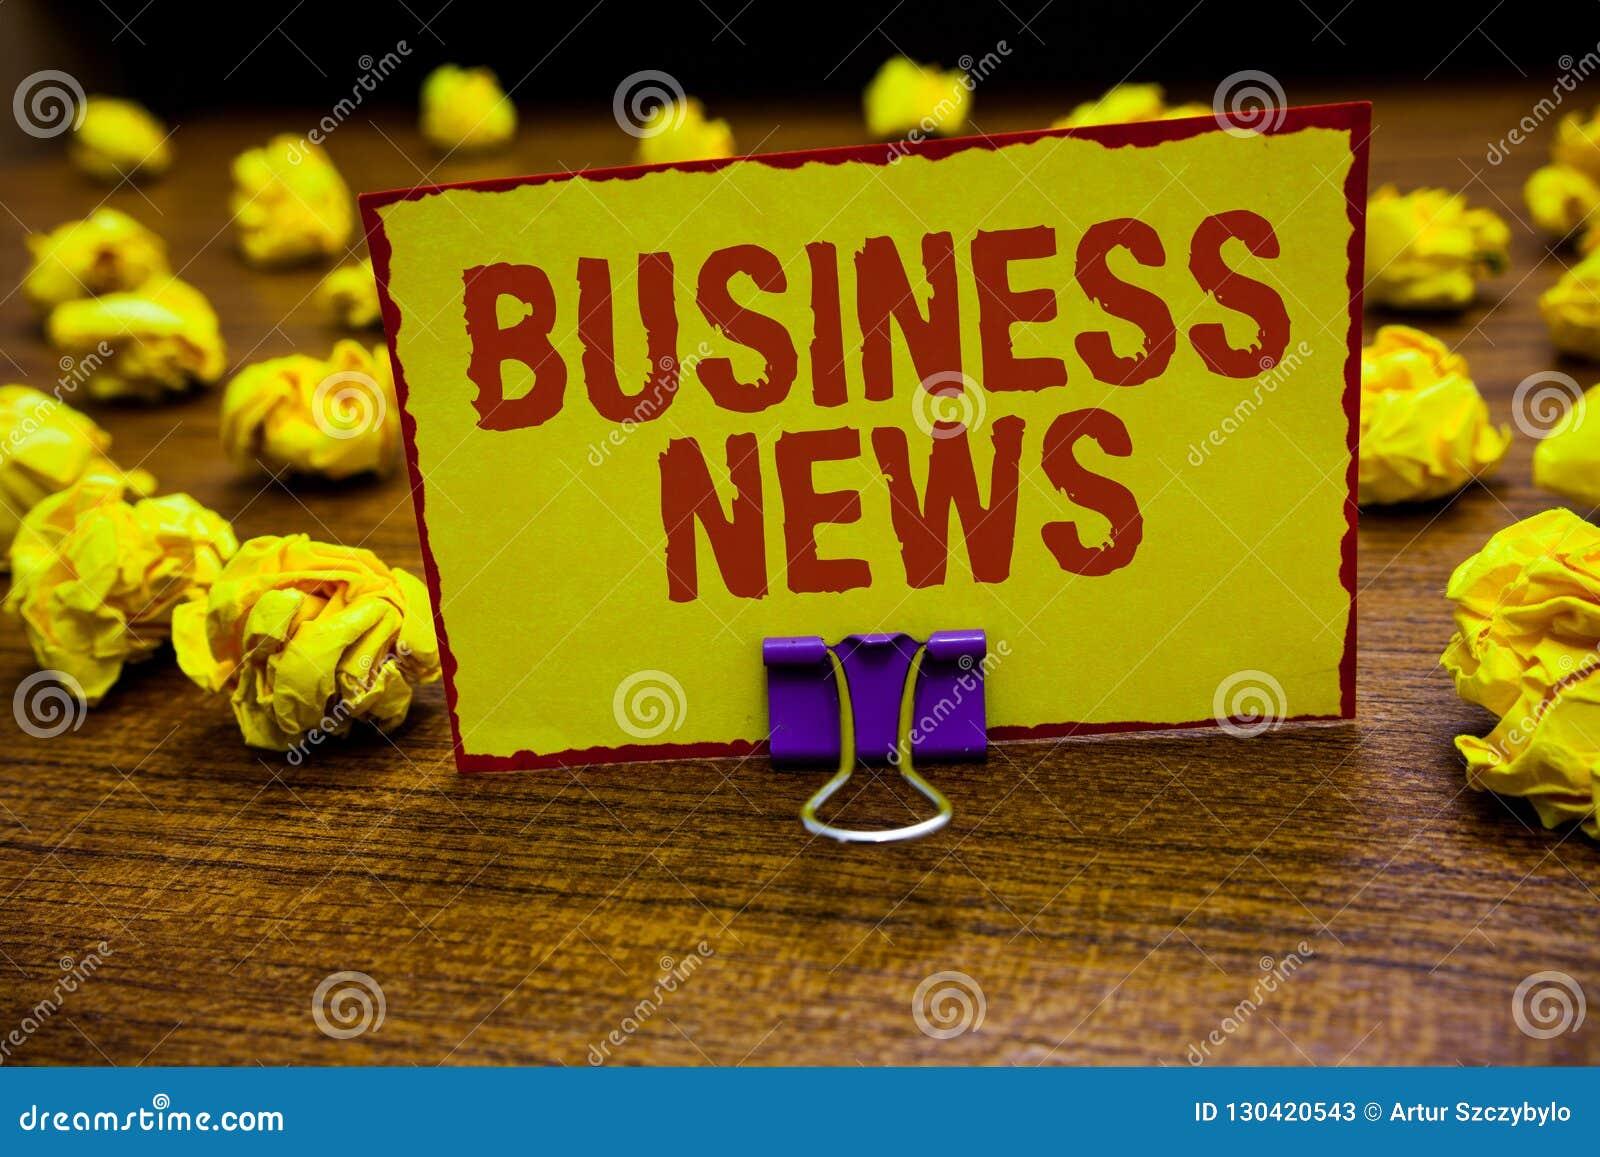 Επιχειρησιακές ειδήσεις κειμένων γραψίματος λέξης Επιχειρησιακή έννοια για την εμπορική ειδοποίησης εμπορικών εκθέσεων αγοράς εκμ